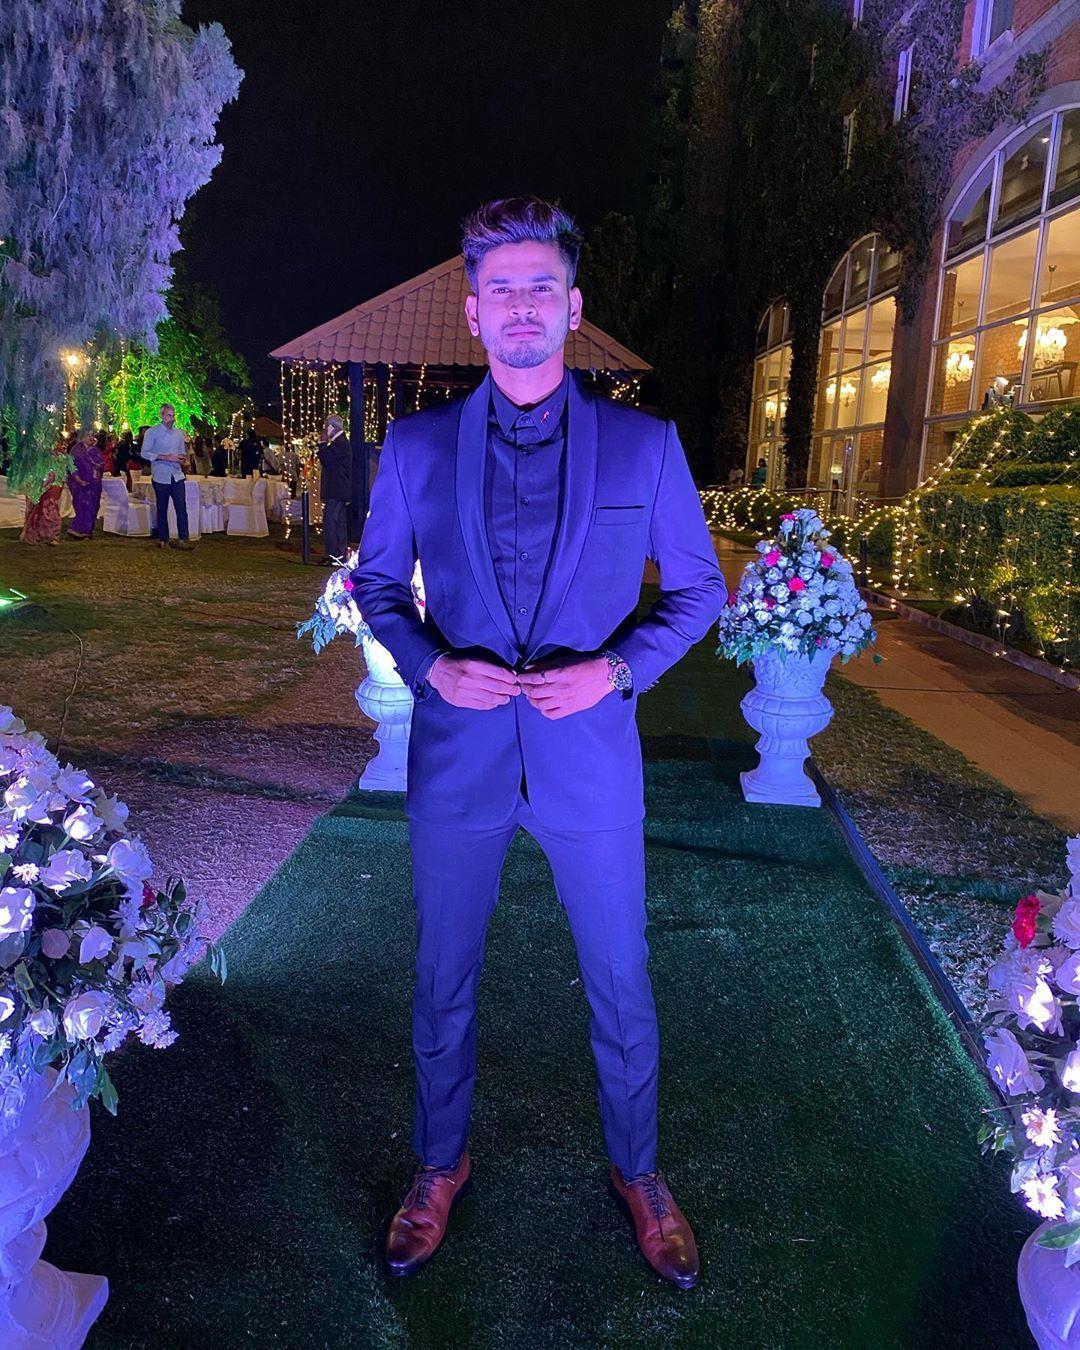 Shreyas Iyer ÇÅ🏏 Cricket, Handsome, Mens sunglasses